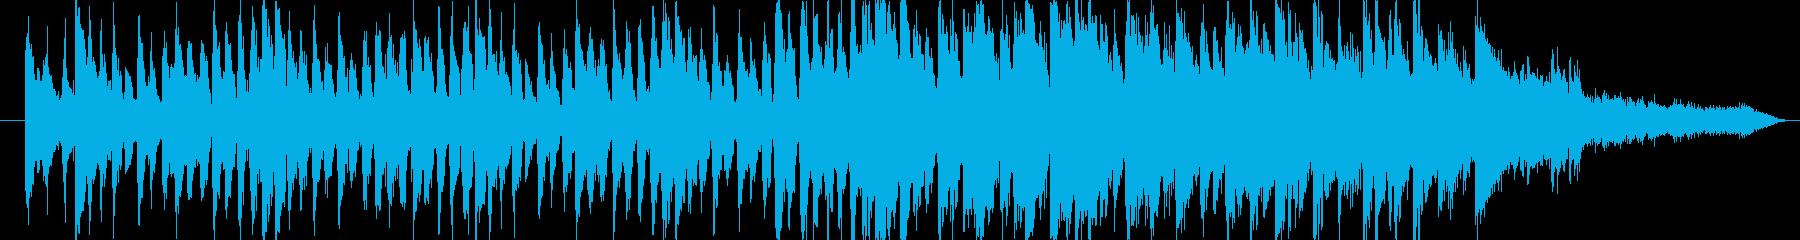 情報番組系 ジングル 爽やか 30秒 の再生済みの波形